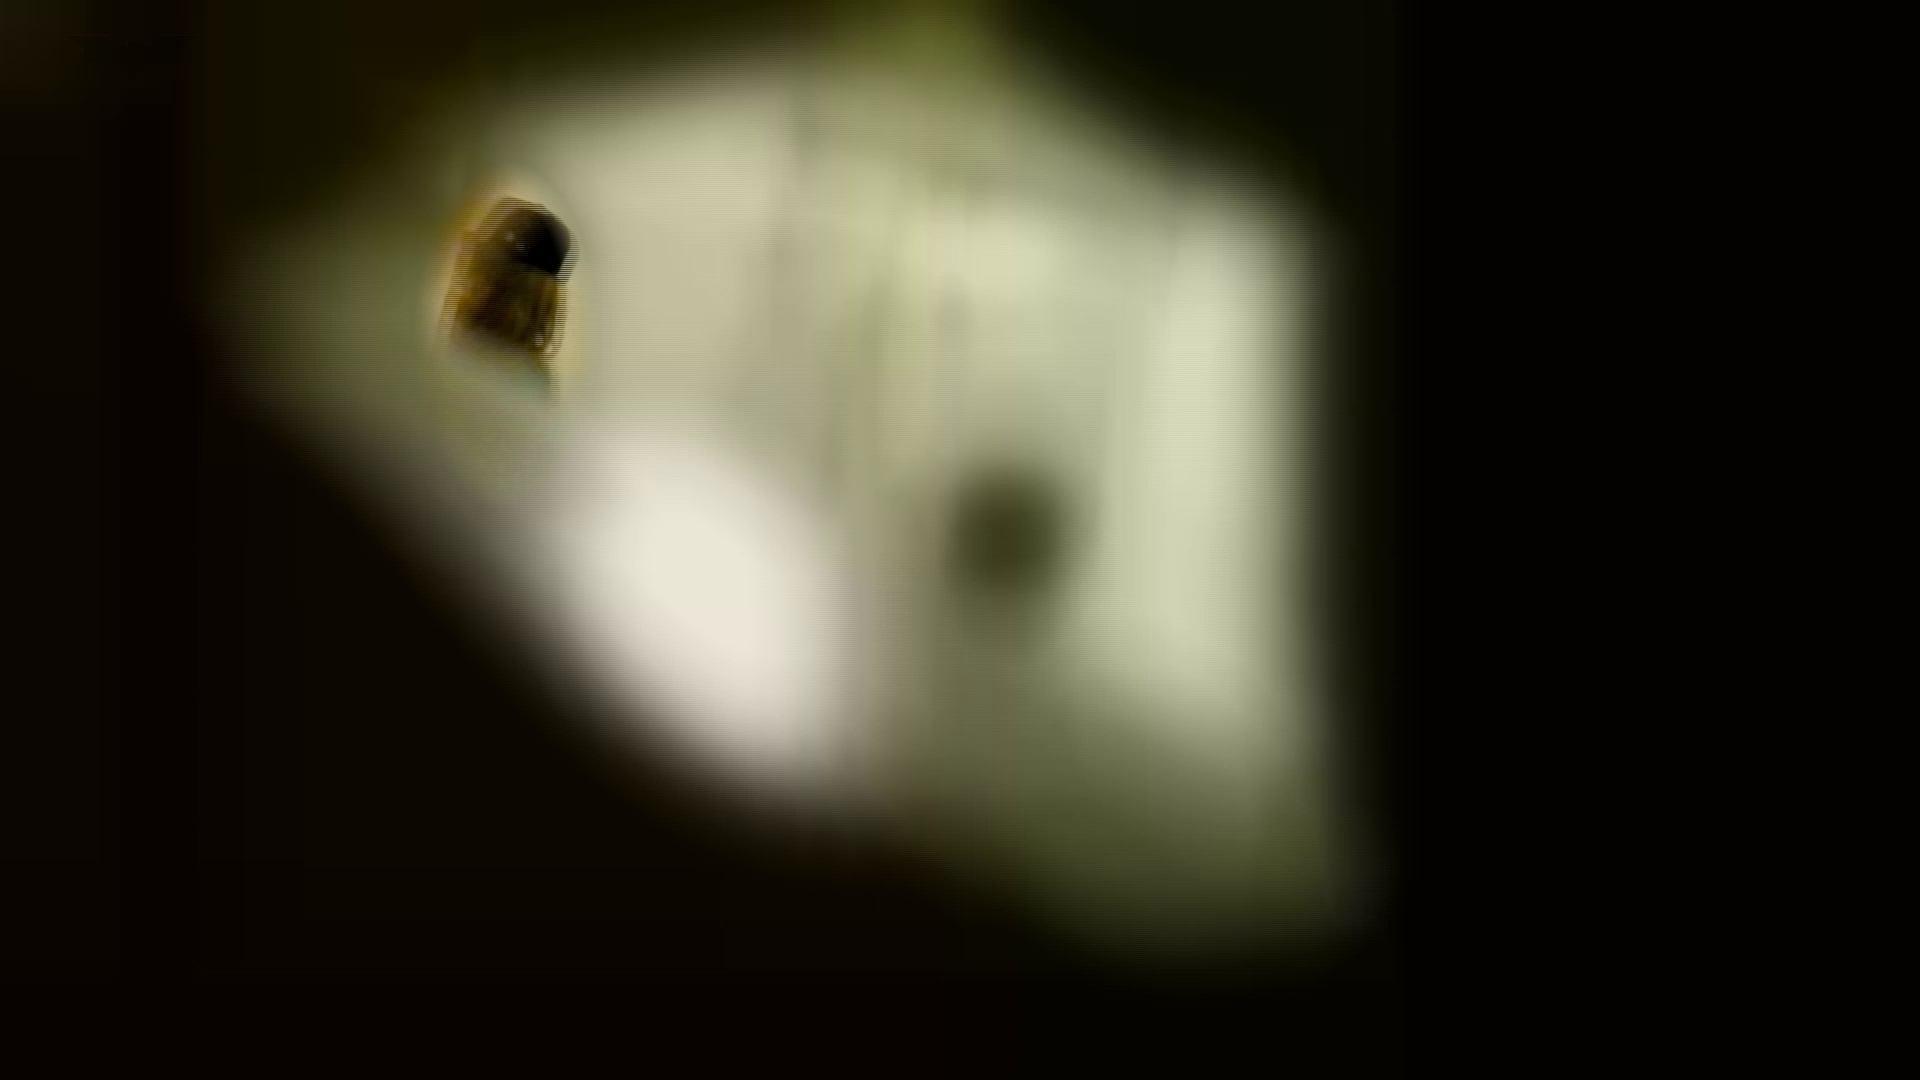 新世界の射窓 No78 トリンドル 玲奈似登場シリーズ美女率最高作! 高画質  89PIX 16